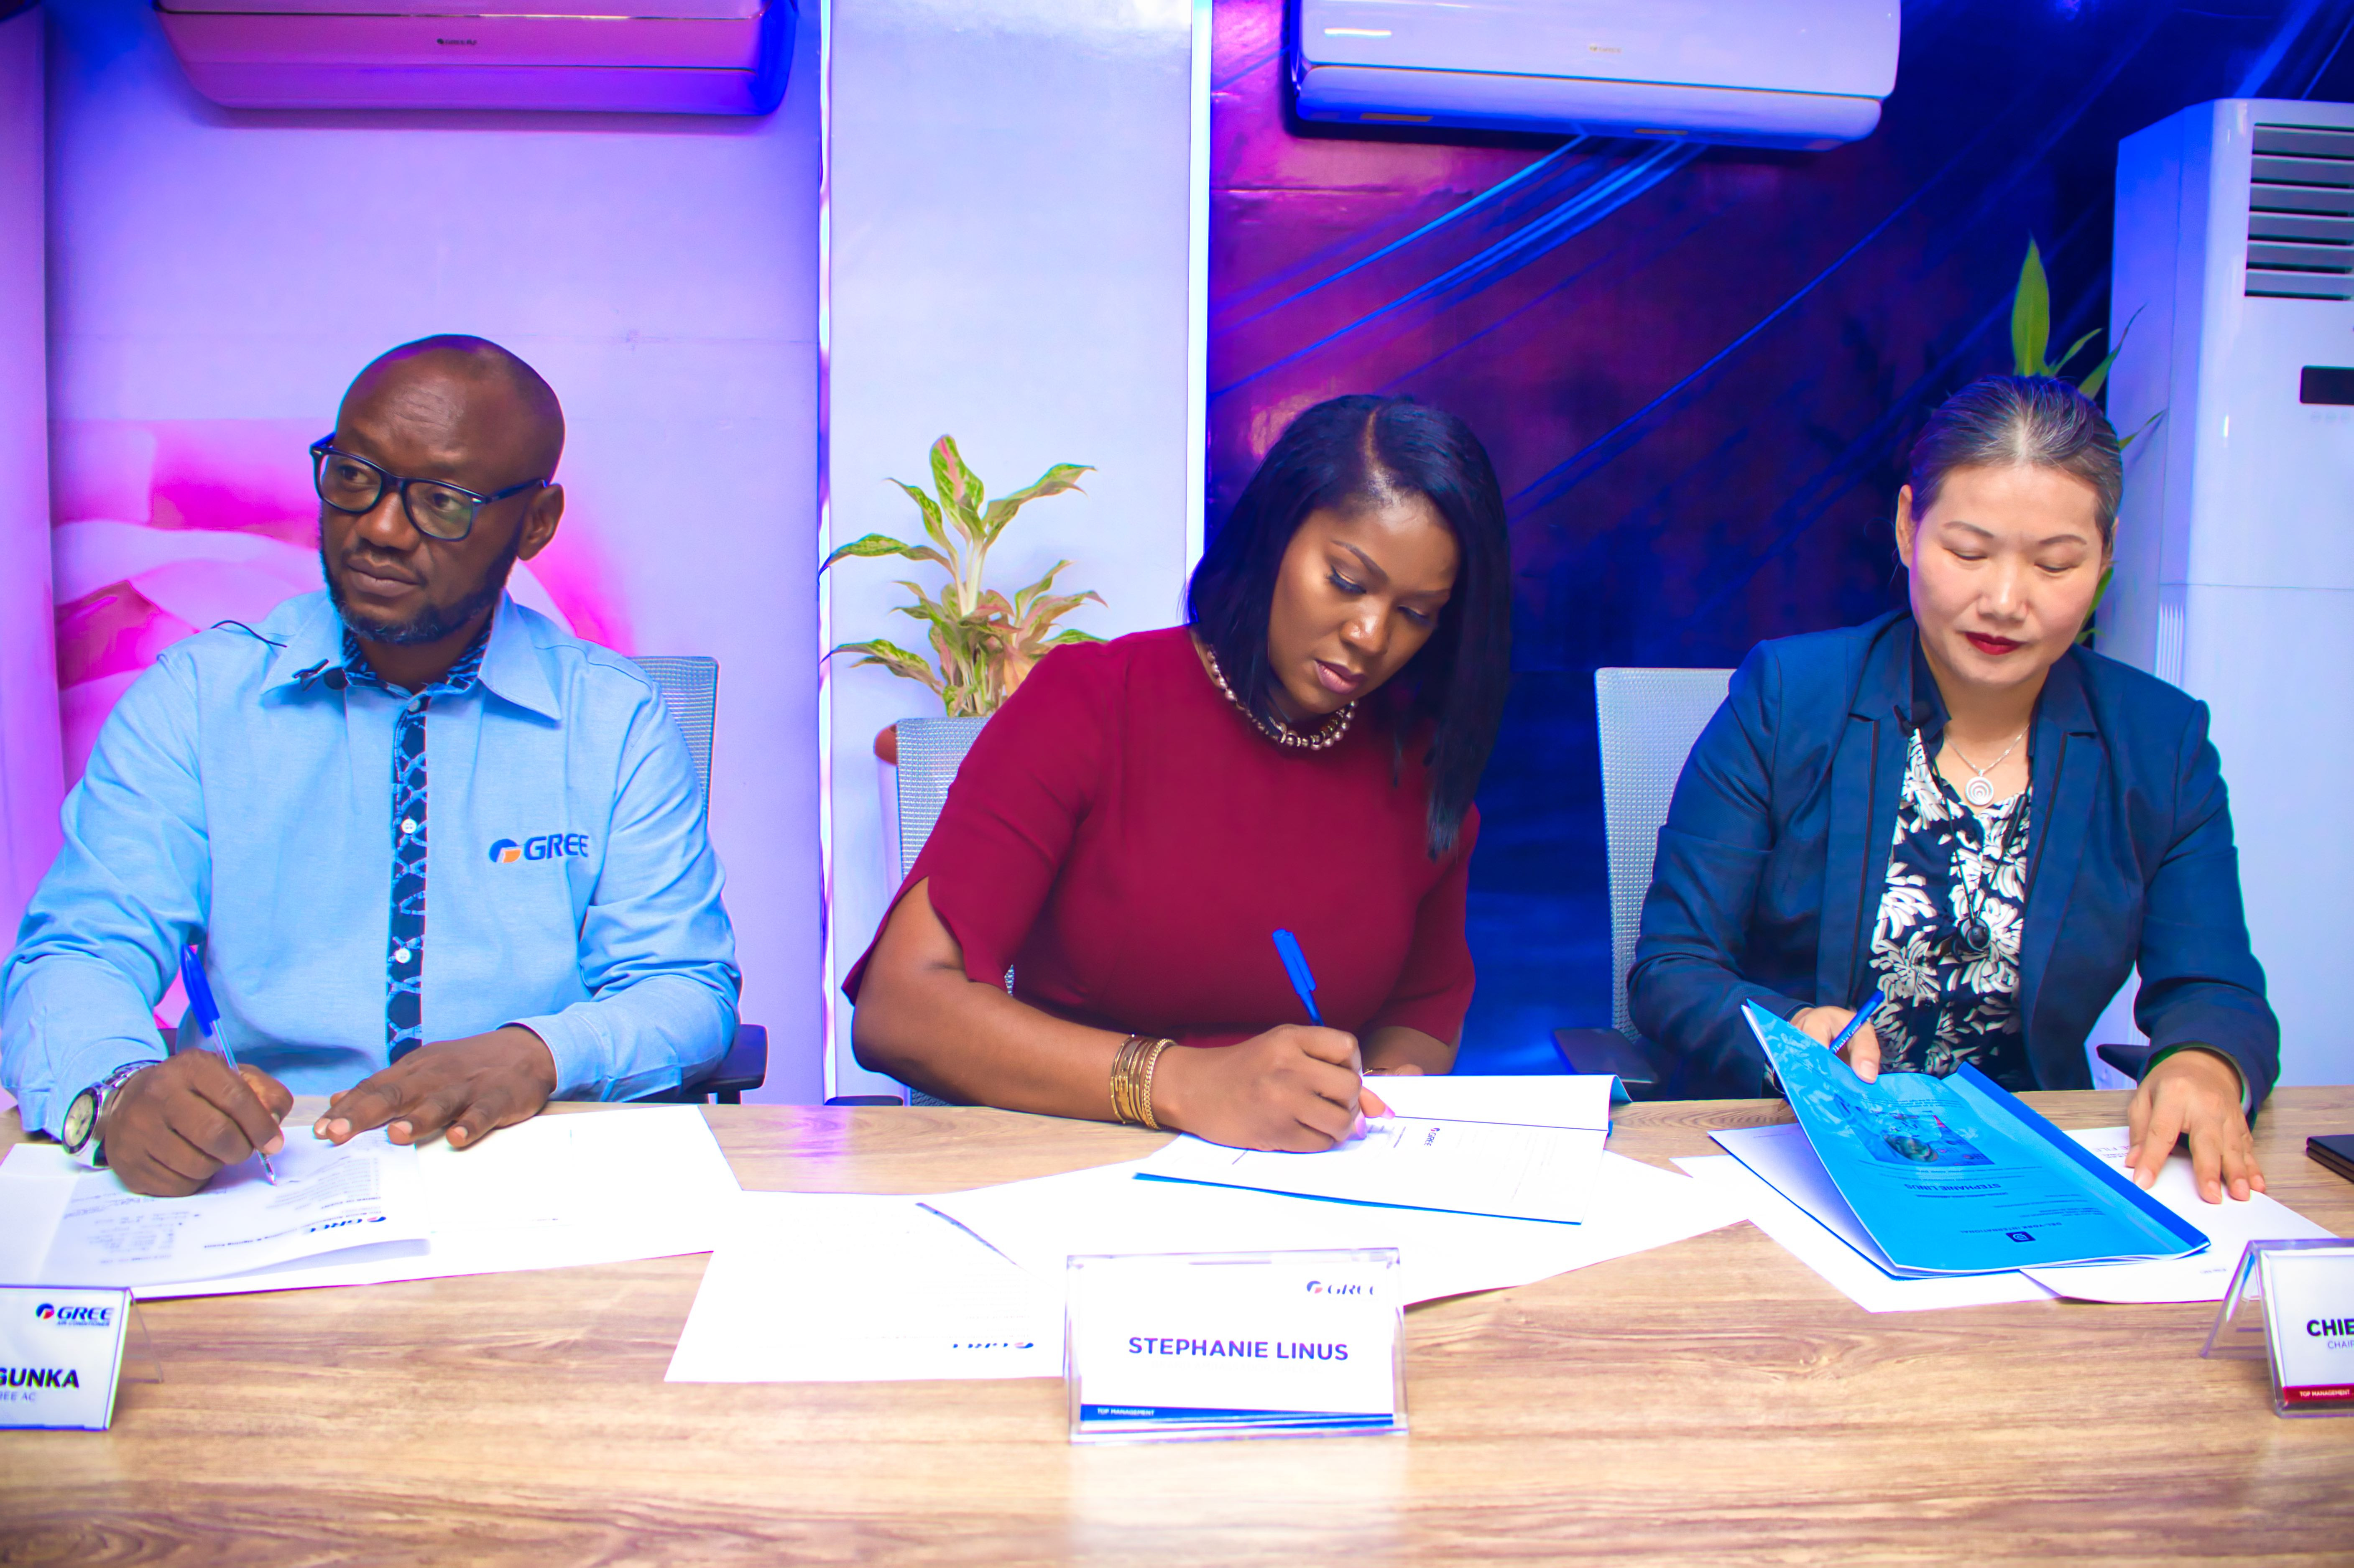 Stephanie Linus unveiled as Gree AC Ambassador